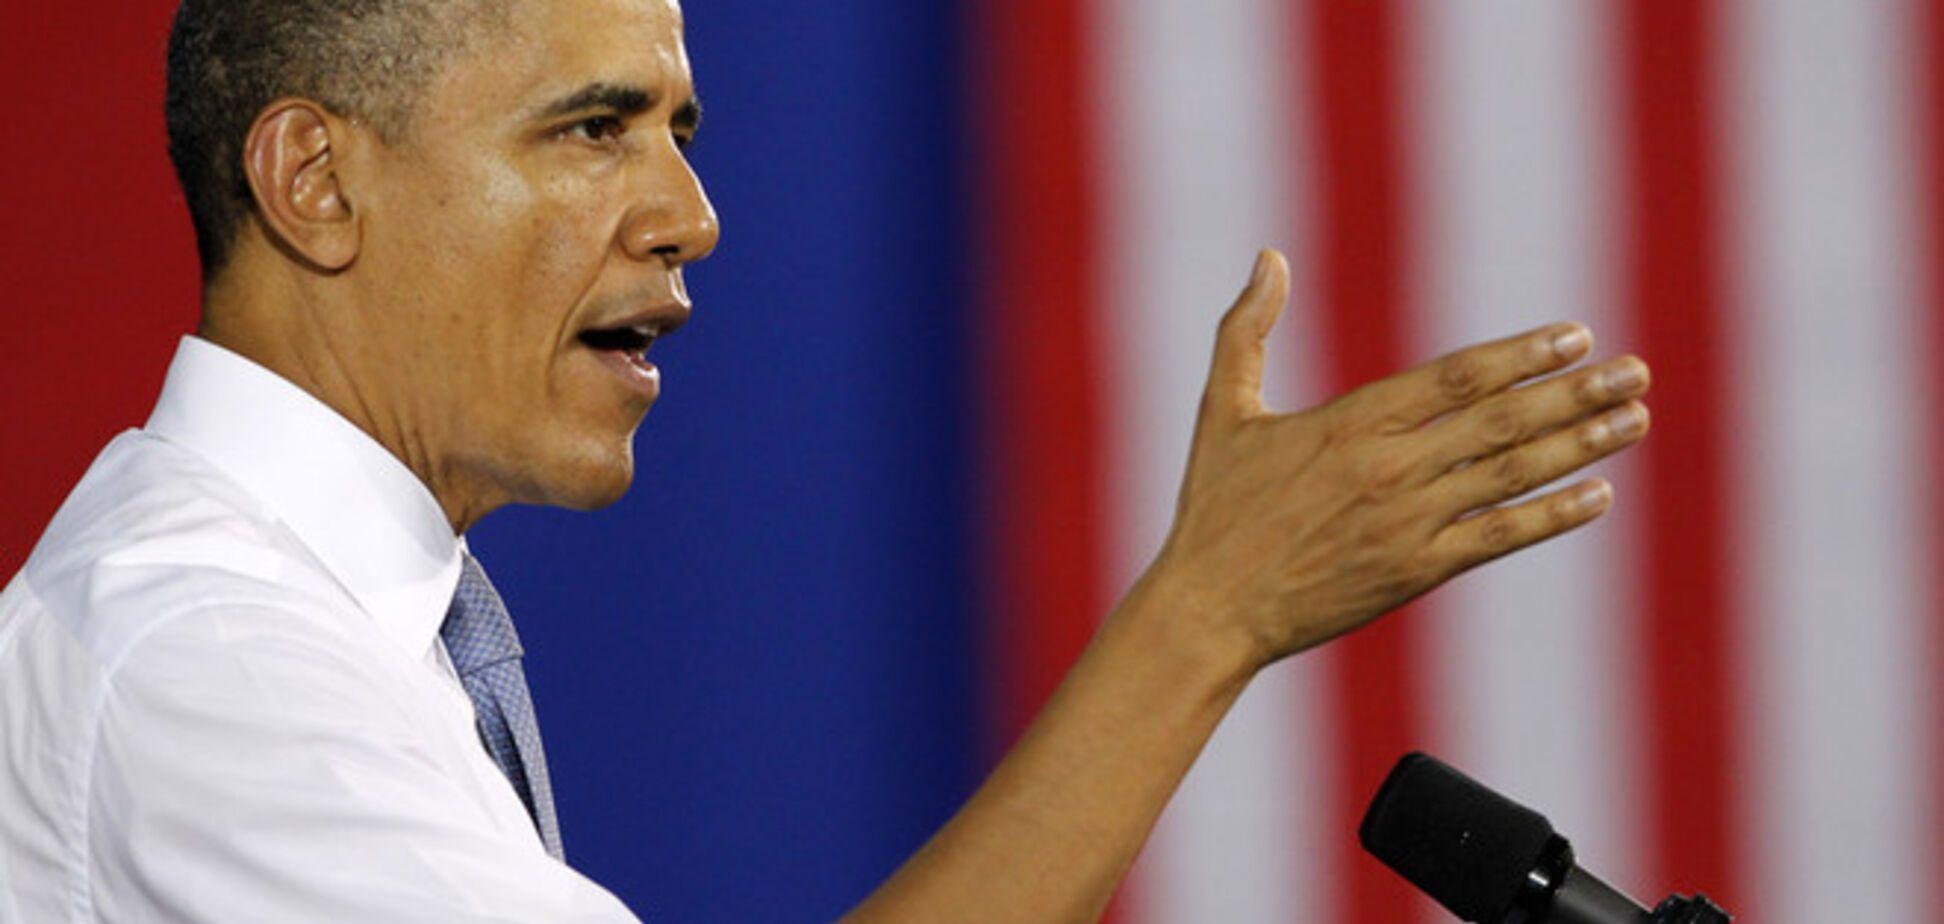 Республіканці вимагають від Обами жорсткої реакції на поведінку Путіна